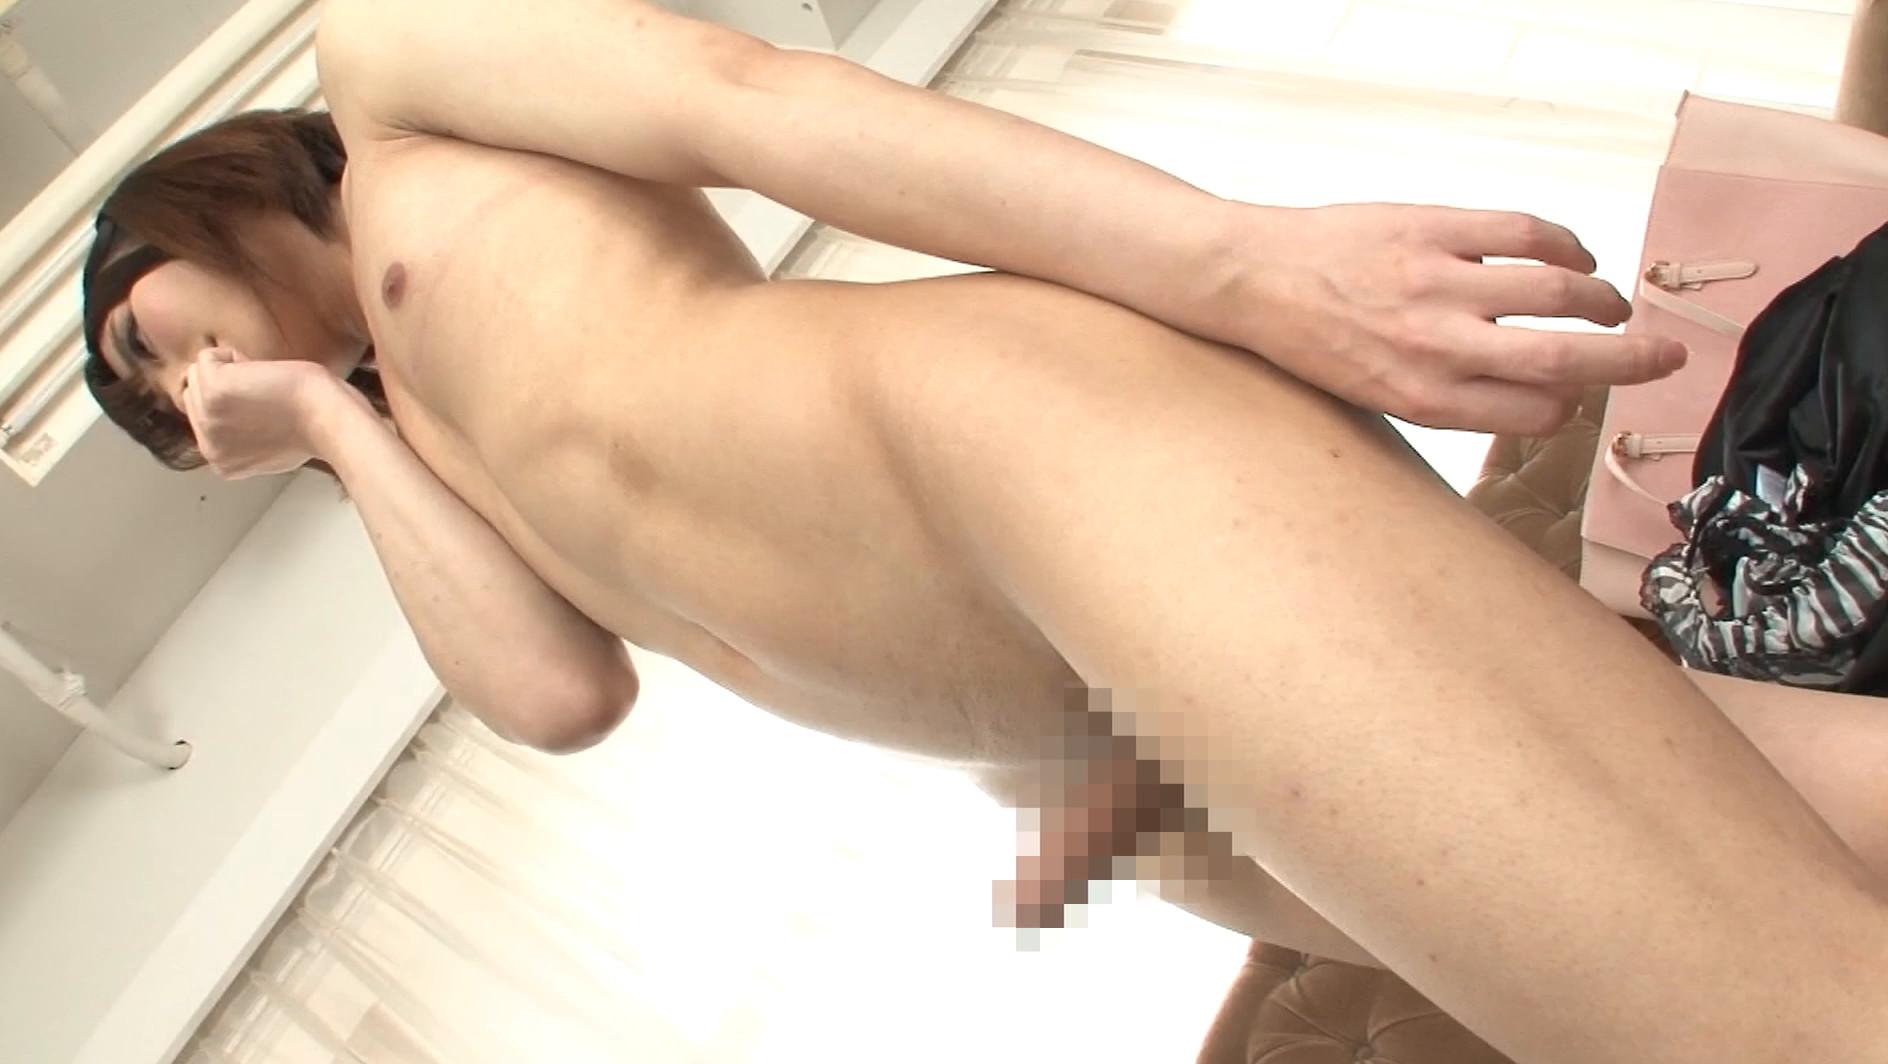 激カワ男の娘AVデビュー アナルとチ●コに媚薬を塗られて絶頂SEX こはく 画像5